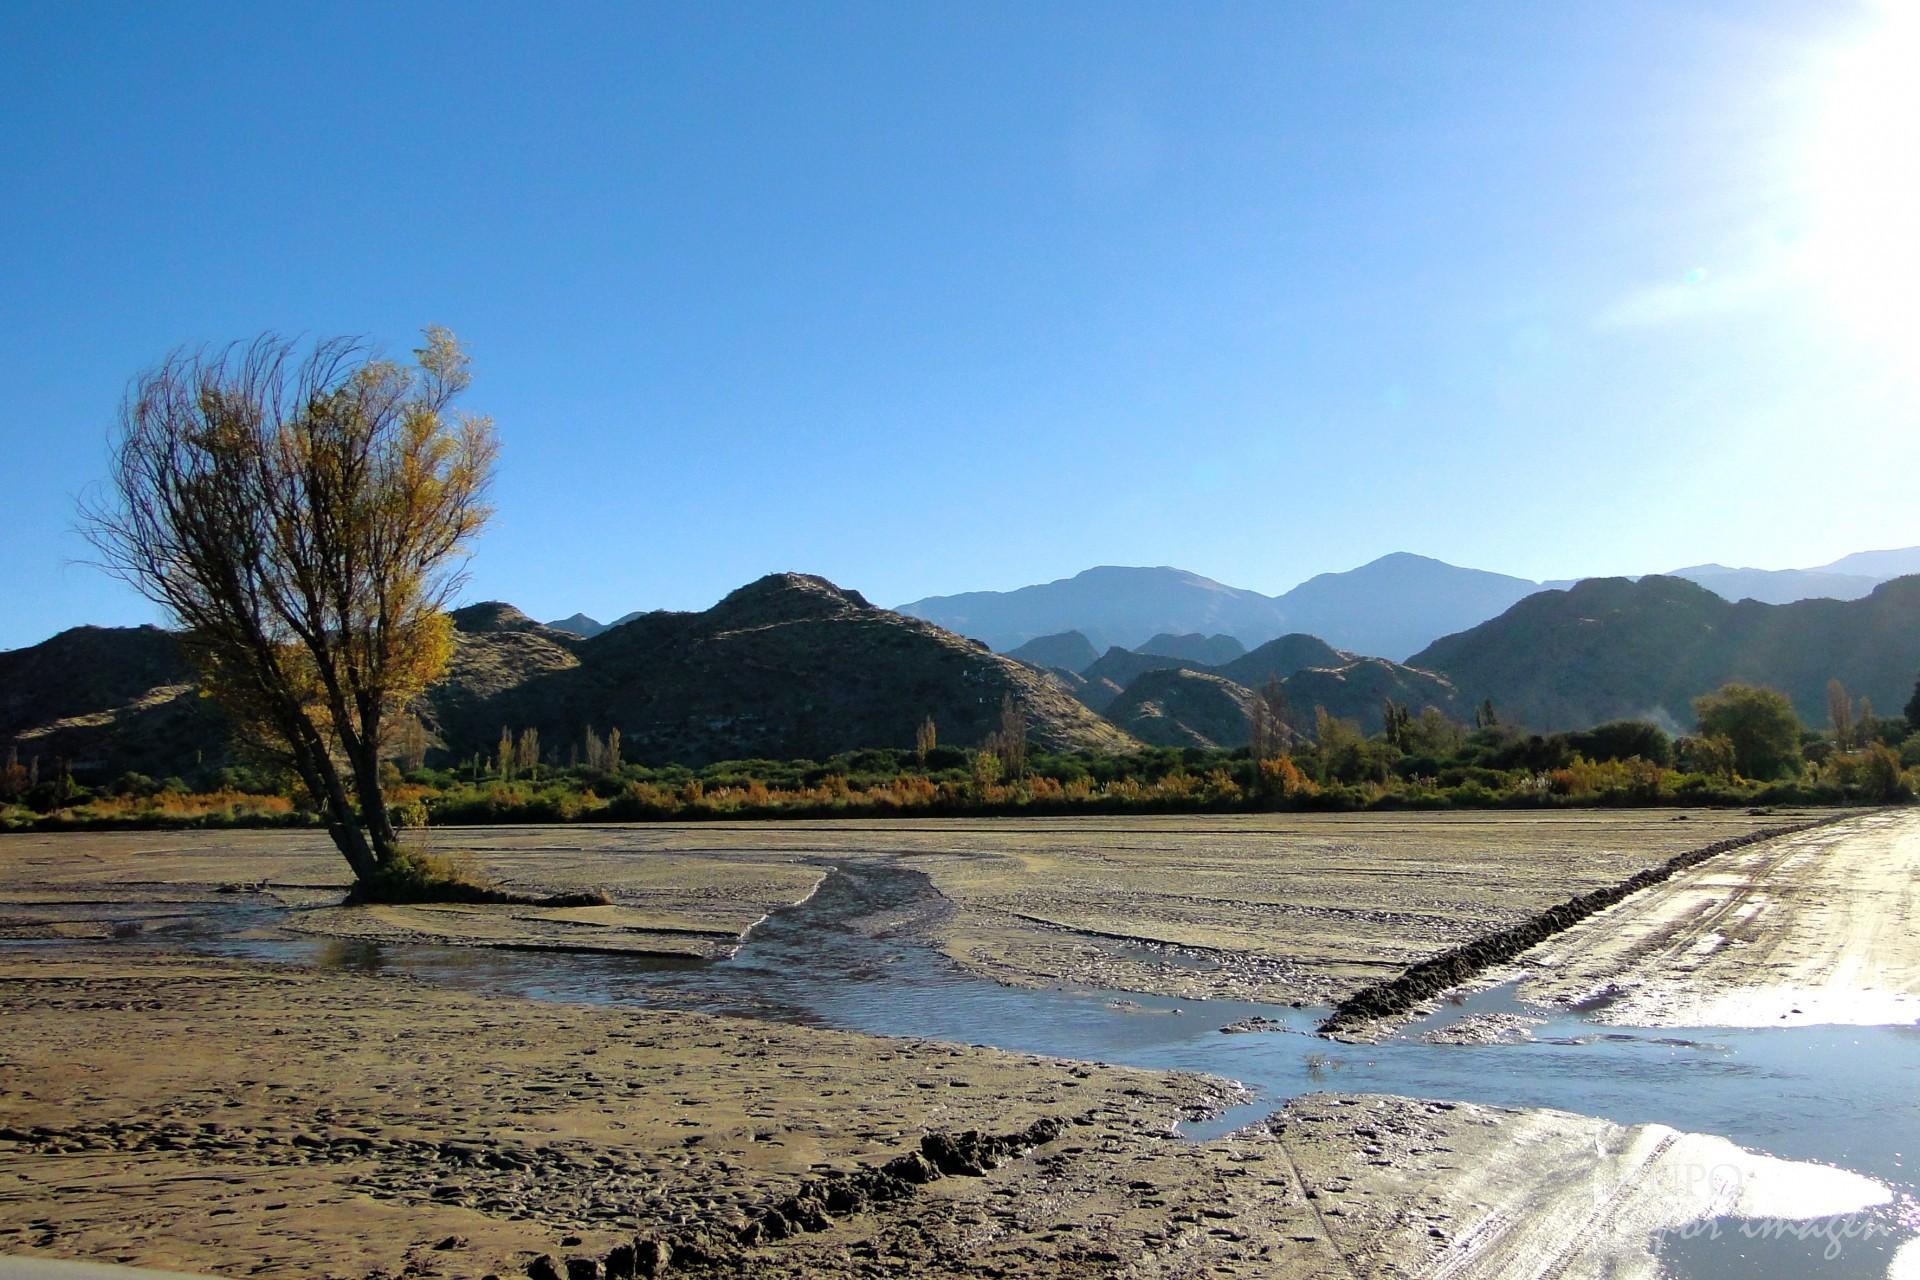 Río Santa María – VALLES / Ana Lía Sorrentino